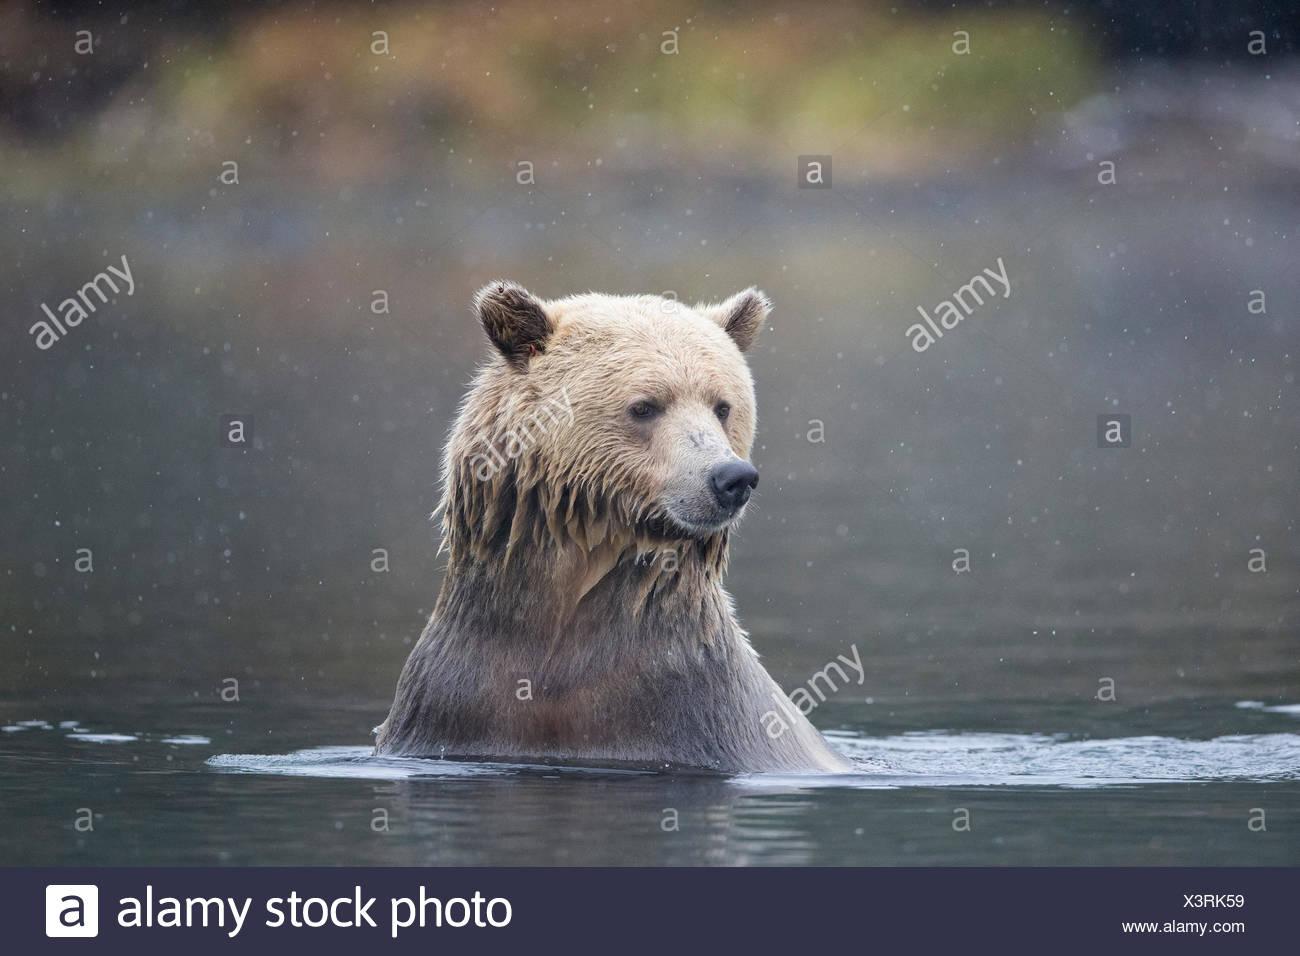 Orso grizzly (Ursus arctos horribilis), femmina in early nevicata, chilcotin regione, British Columbia, Canada. Immagini Stock